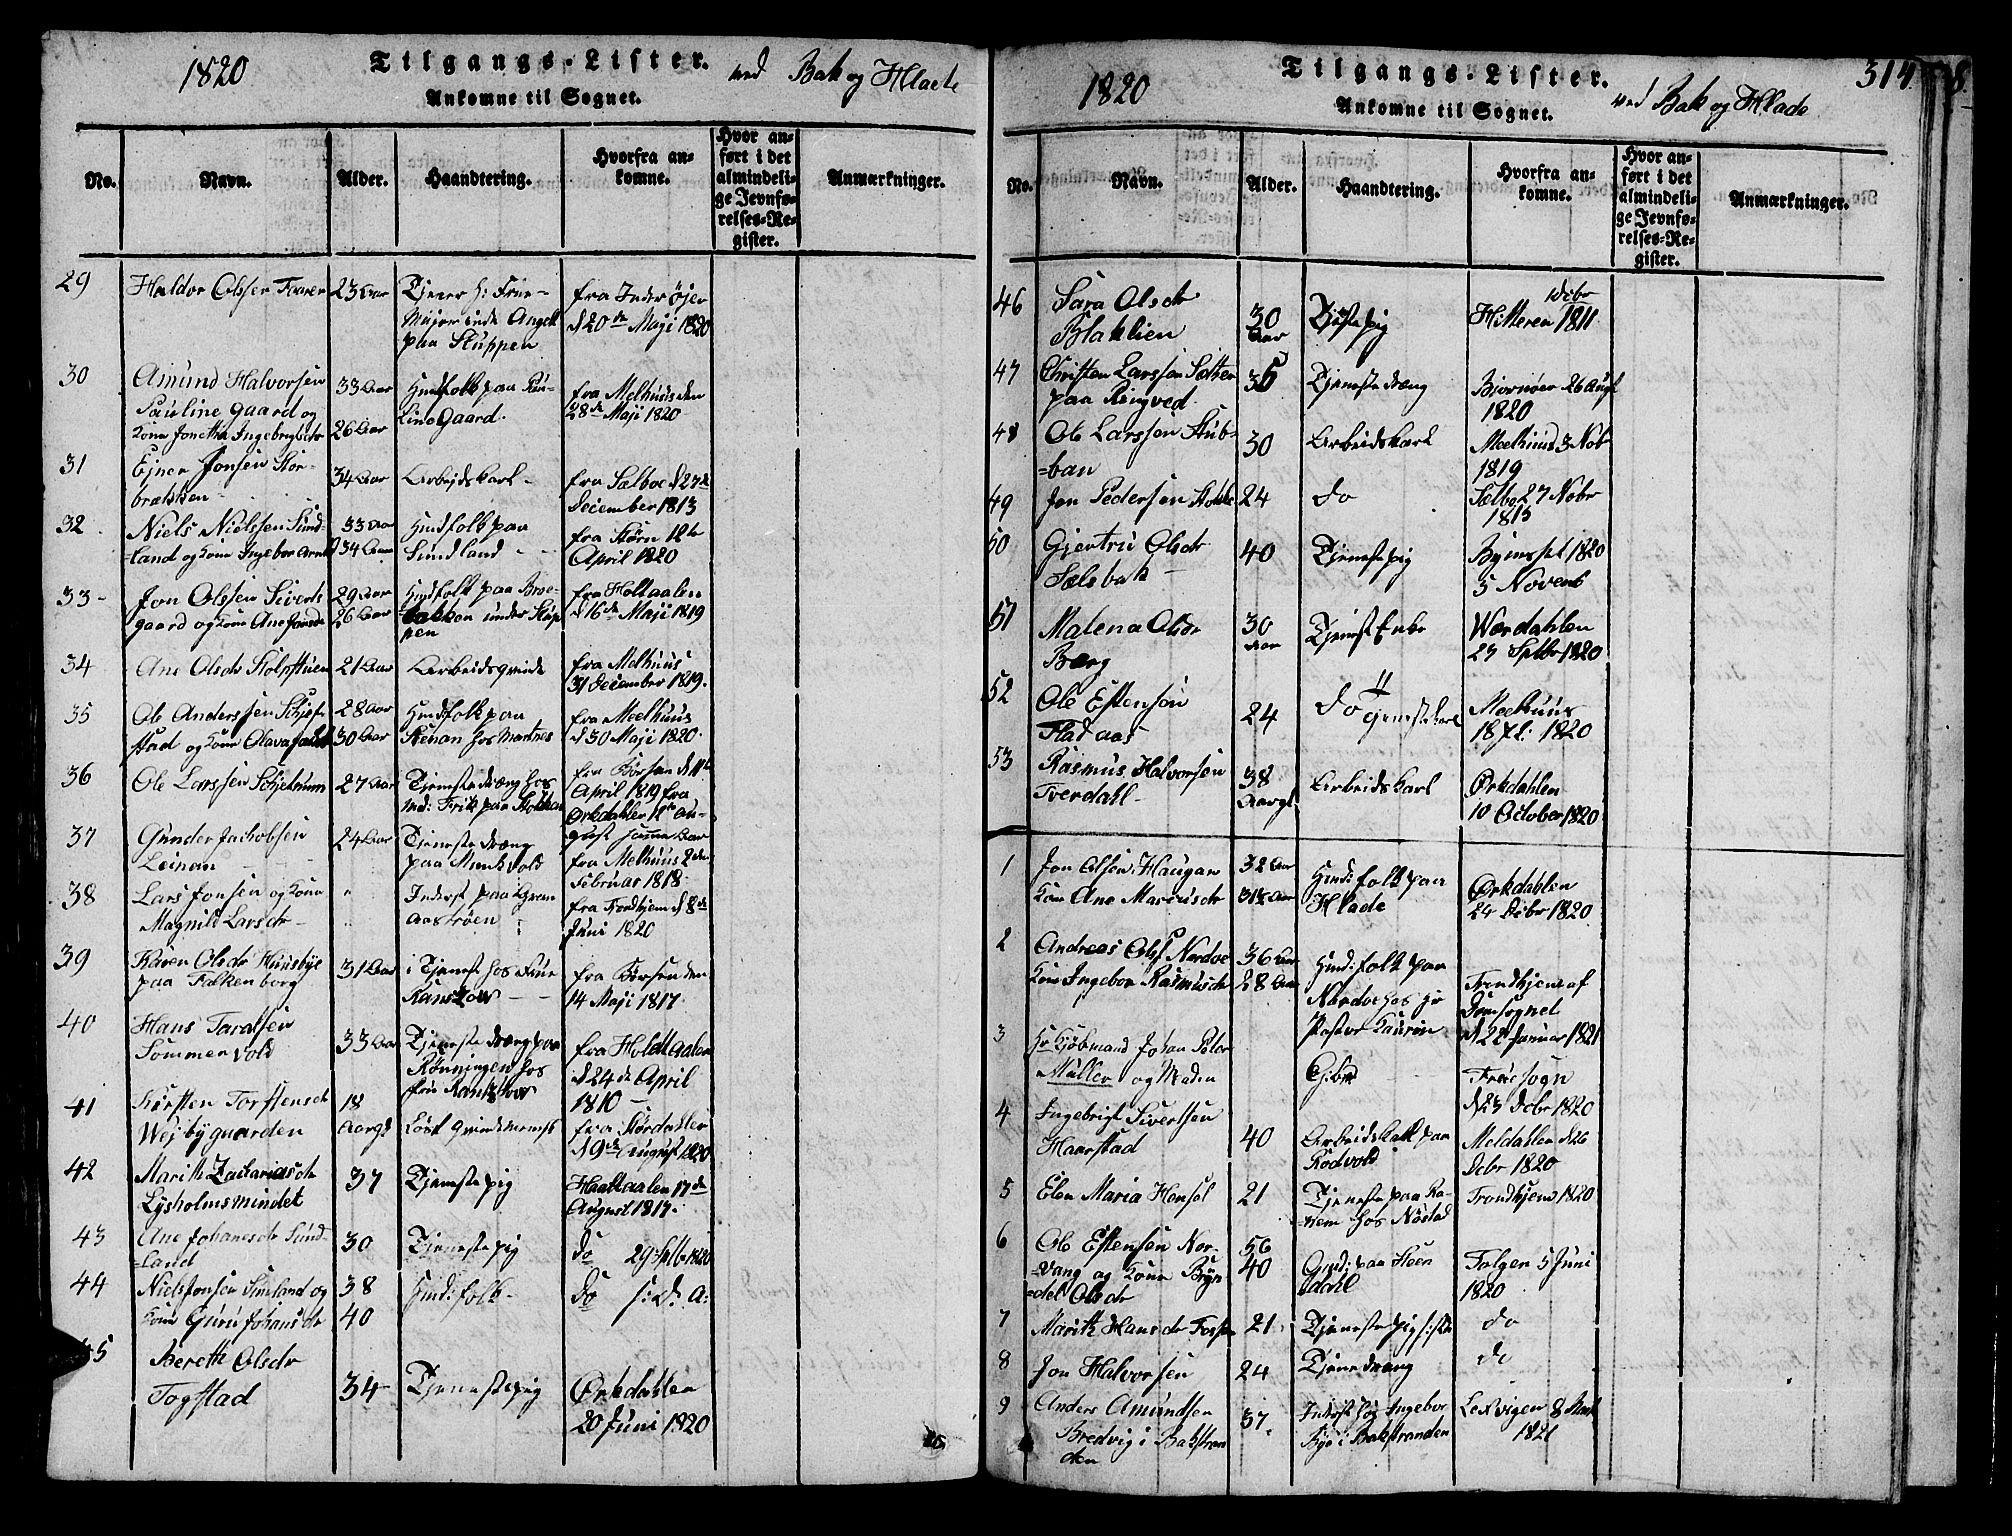 SAT, Ministerialprotokoller, klokkerbøker og fødselsregistre - Sør-Trøndelag, 606/L0307: Klokkerbok nr. 606C03, 1817-1824, s. 314